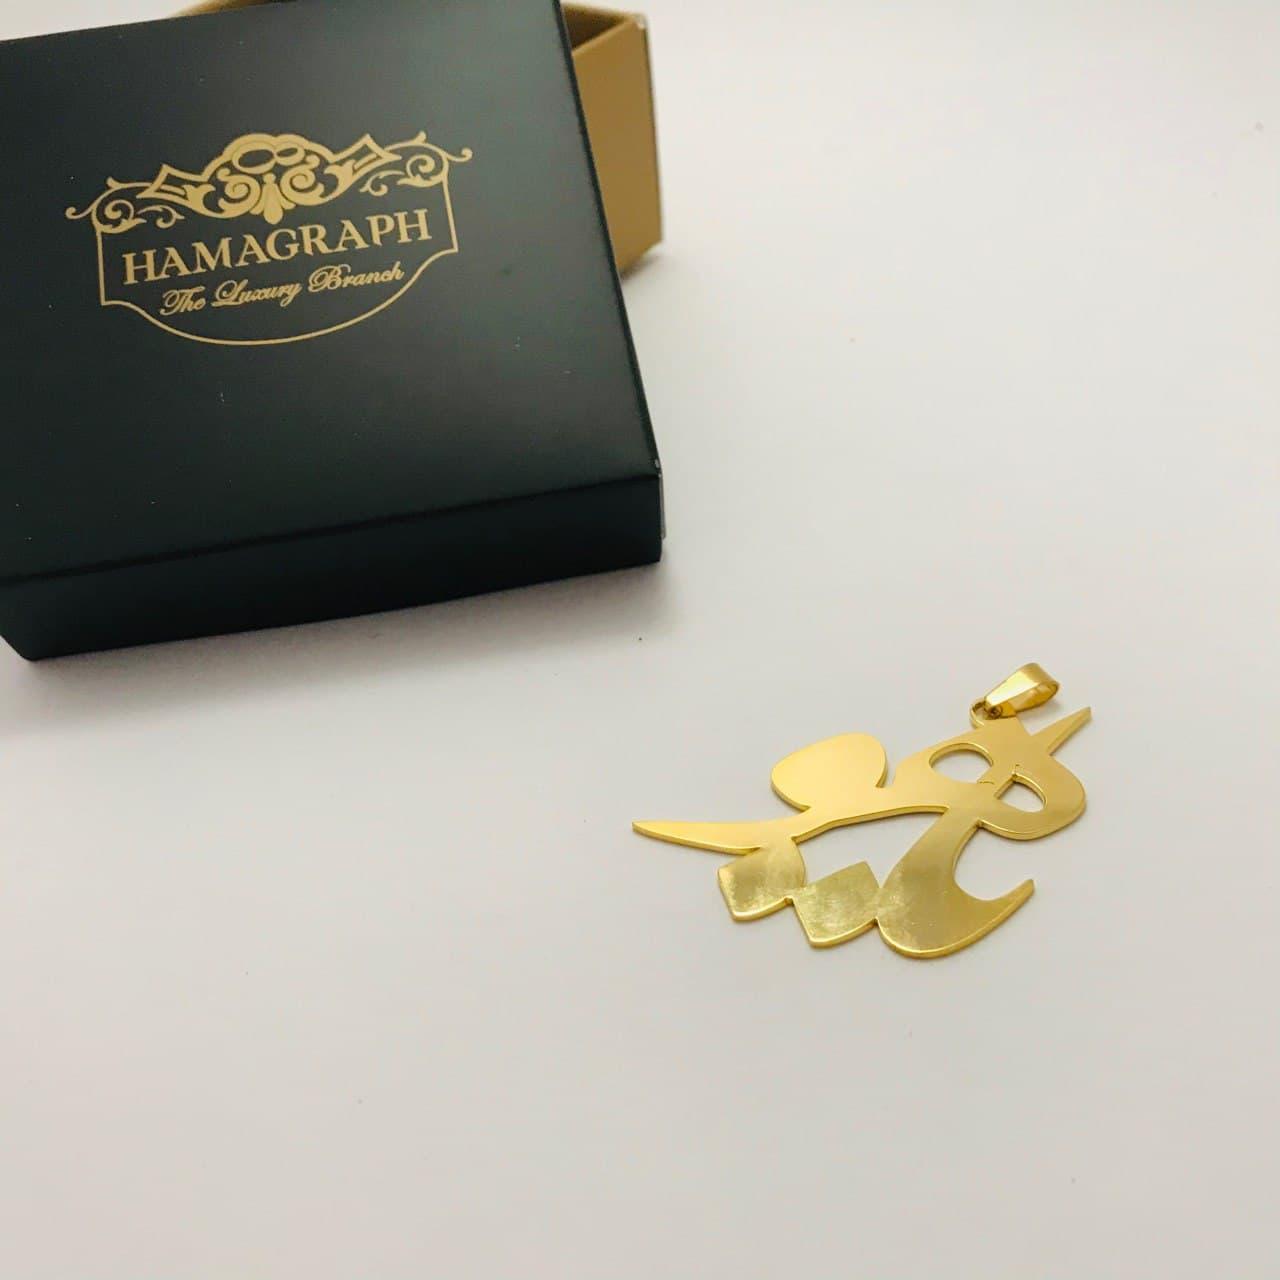 گردنبند آبکاری طلایی با طرح یاهو - آویز آبکاری شده - استیل ضد زنگ